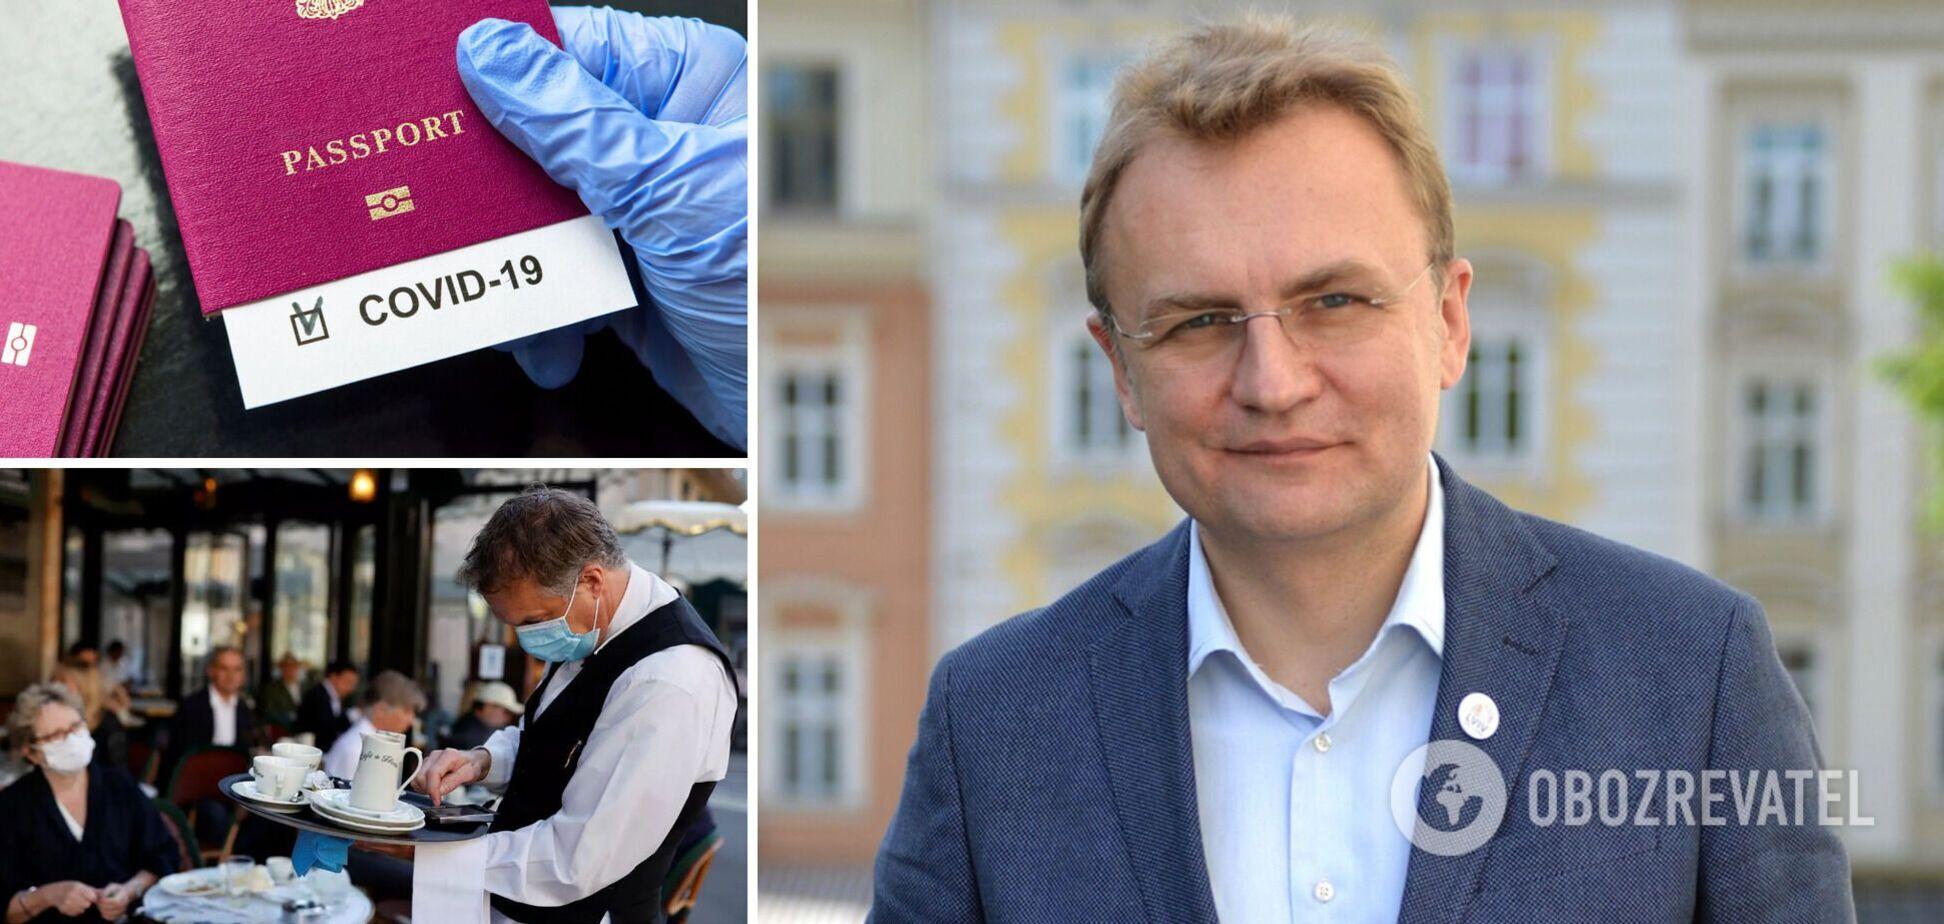 В ресторан – по COVID-паспорту: во Львове допустили внедрение европейских правил